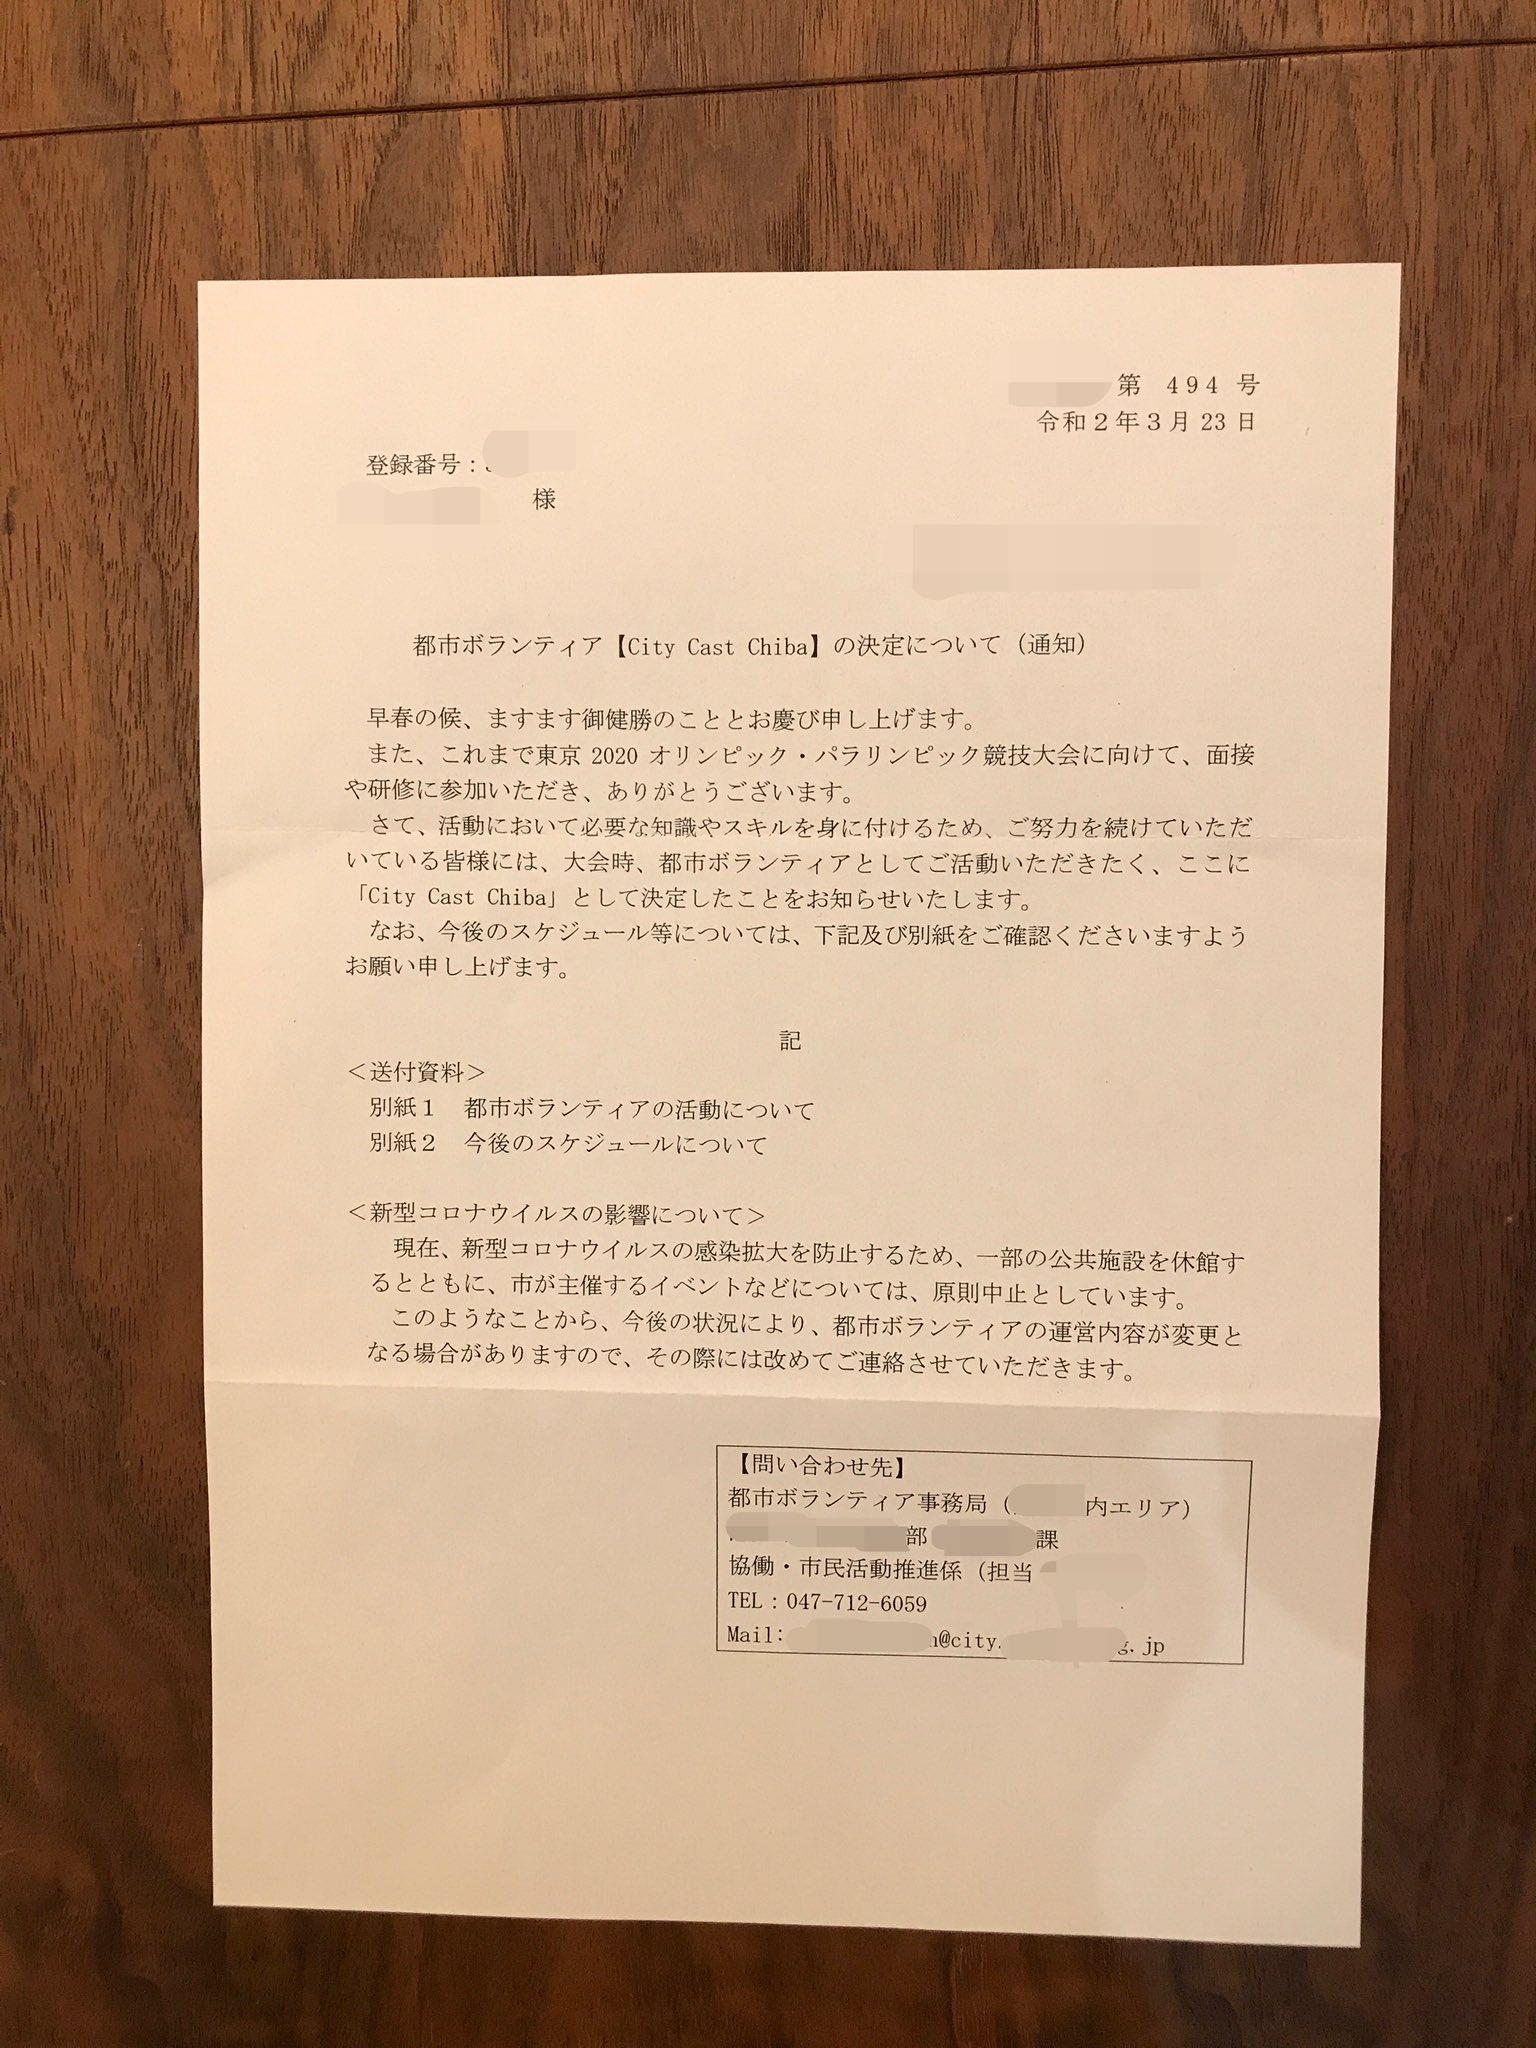 東京オリンピックの都市ボランティア(千葉)の決定通知書